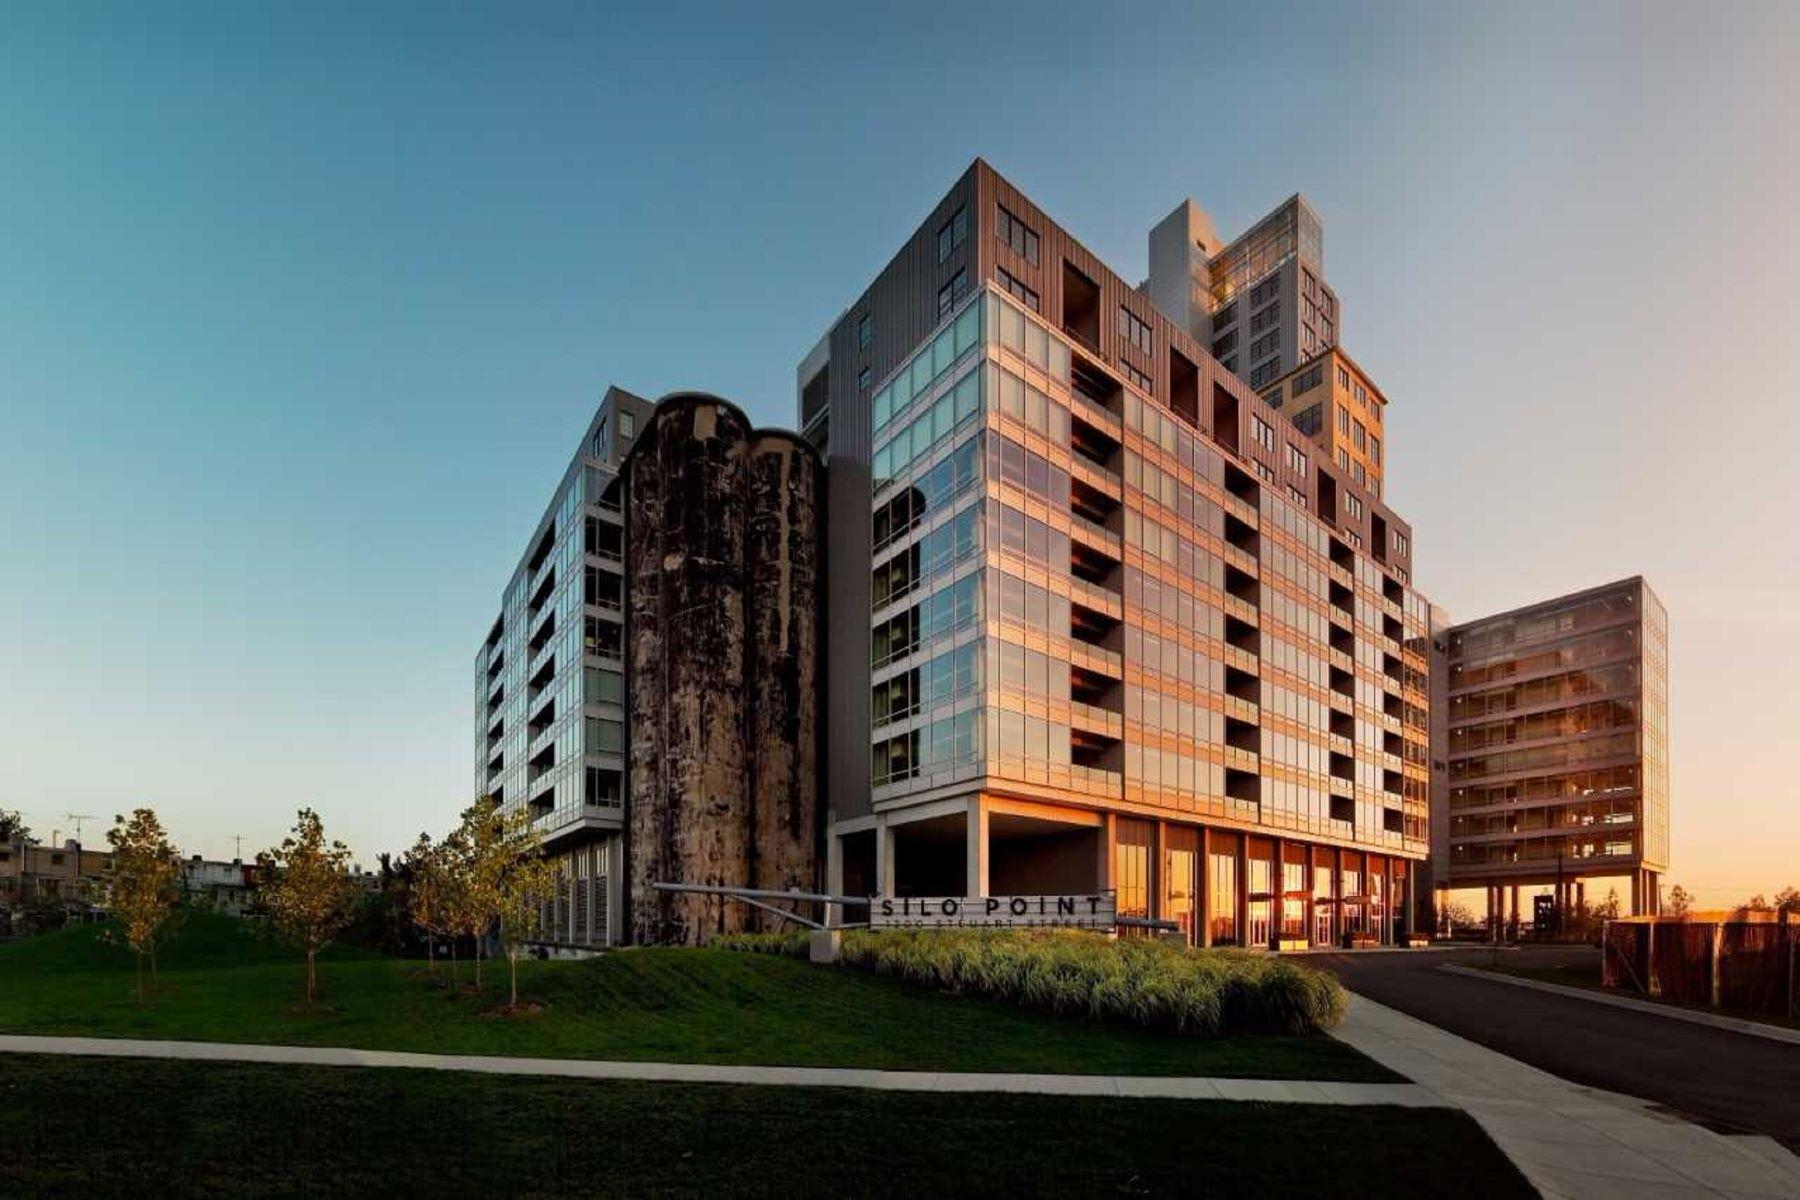 Appartement en copropriété pour l à louer à Silo Point 1200 Steuart Street #1041, Baltimore, Maryland, 21230 États-Unis